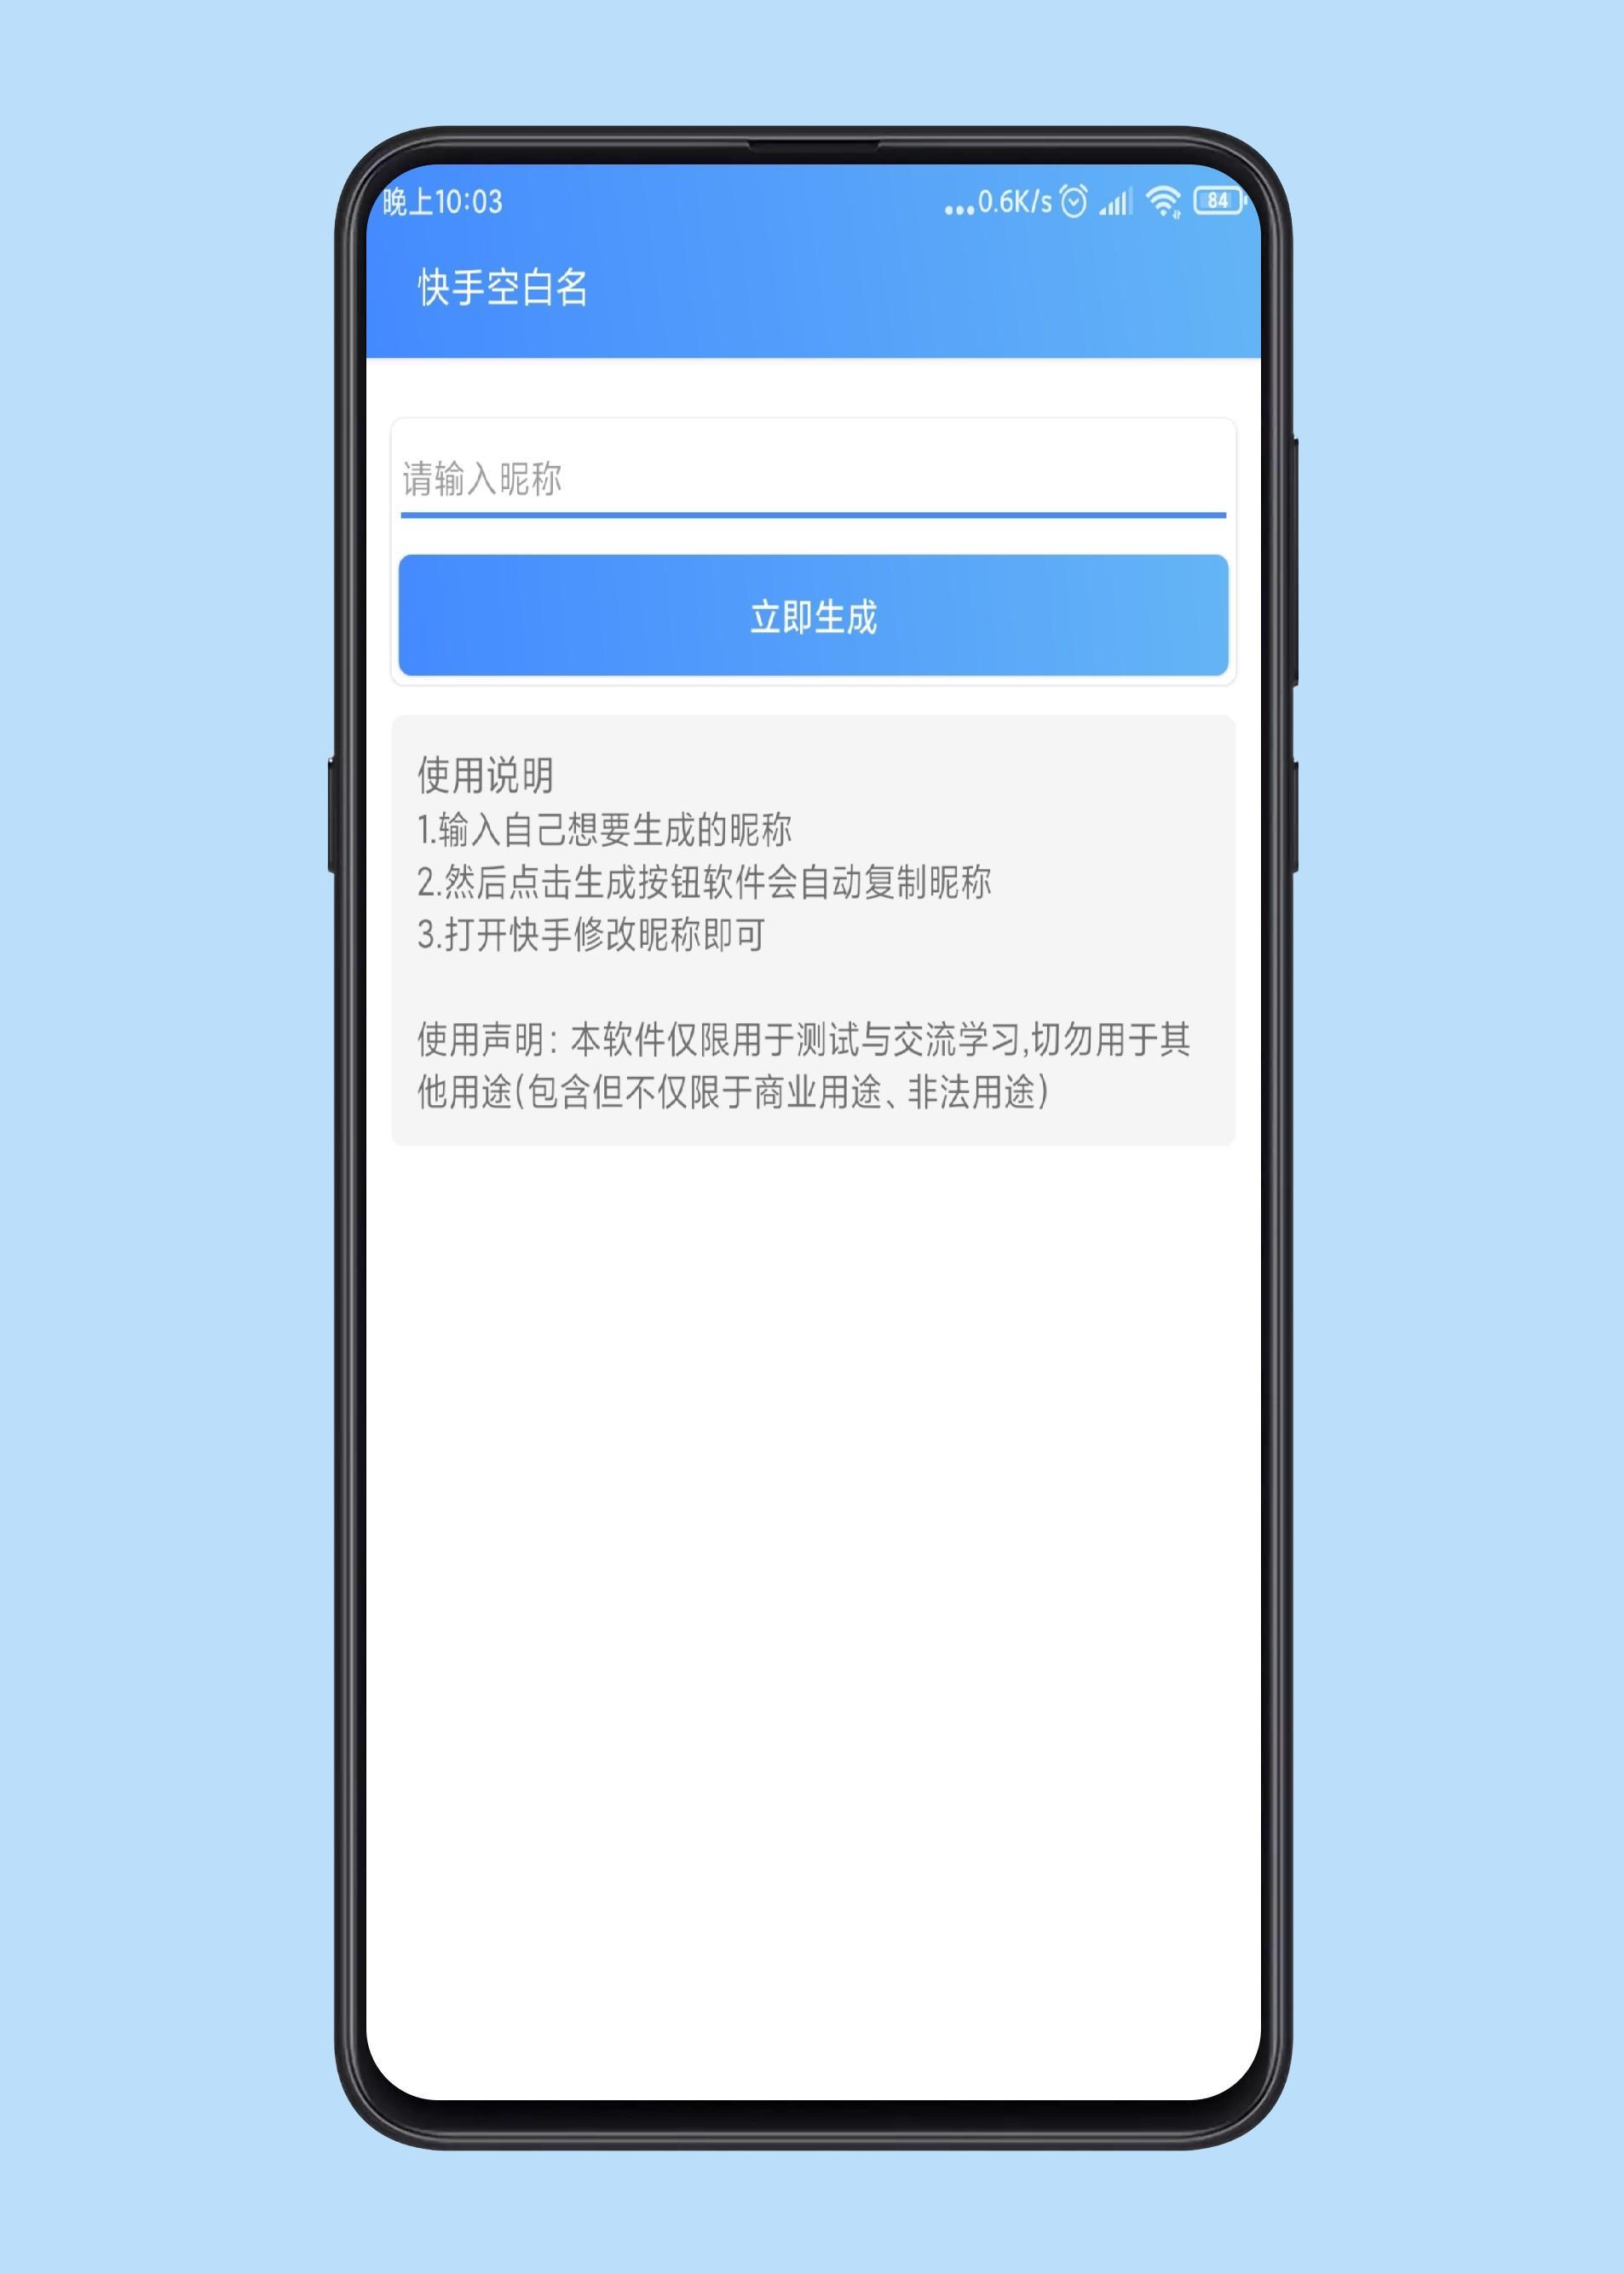 快手空白重复名字生成工具,20200516115732803280.png,第1张